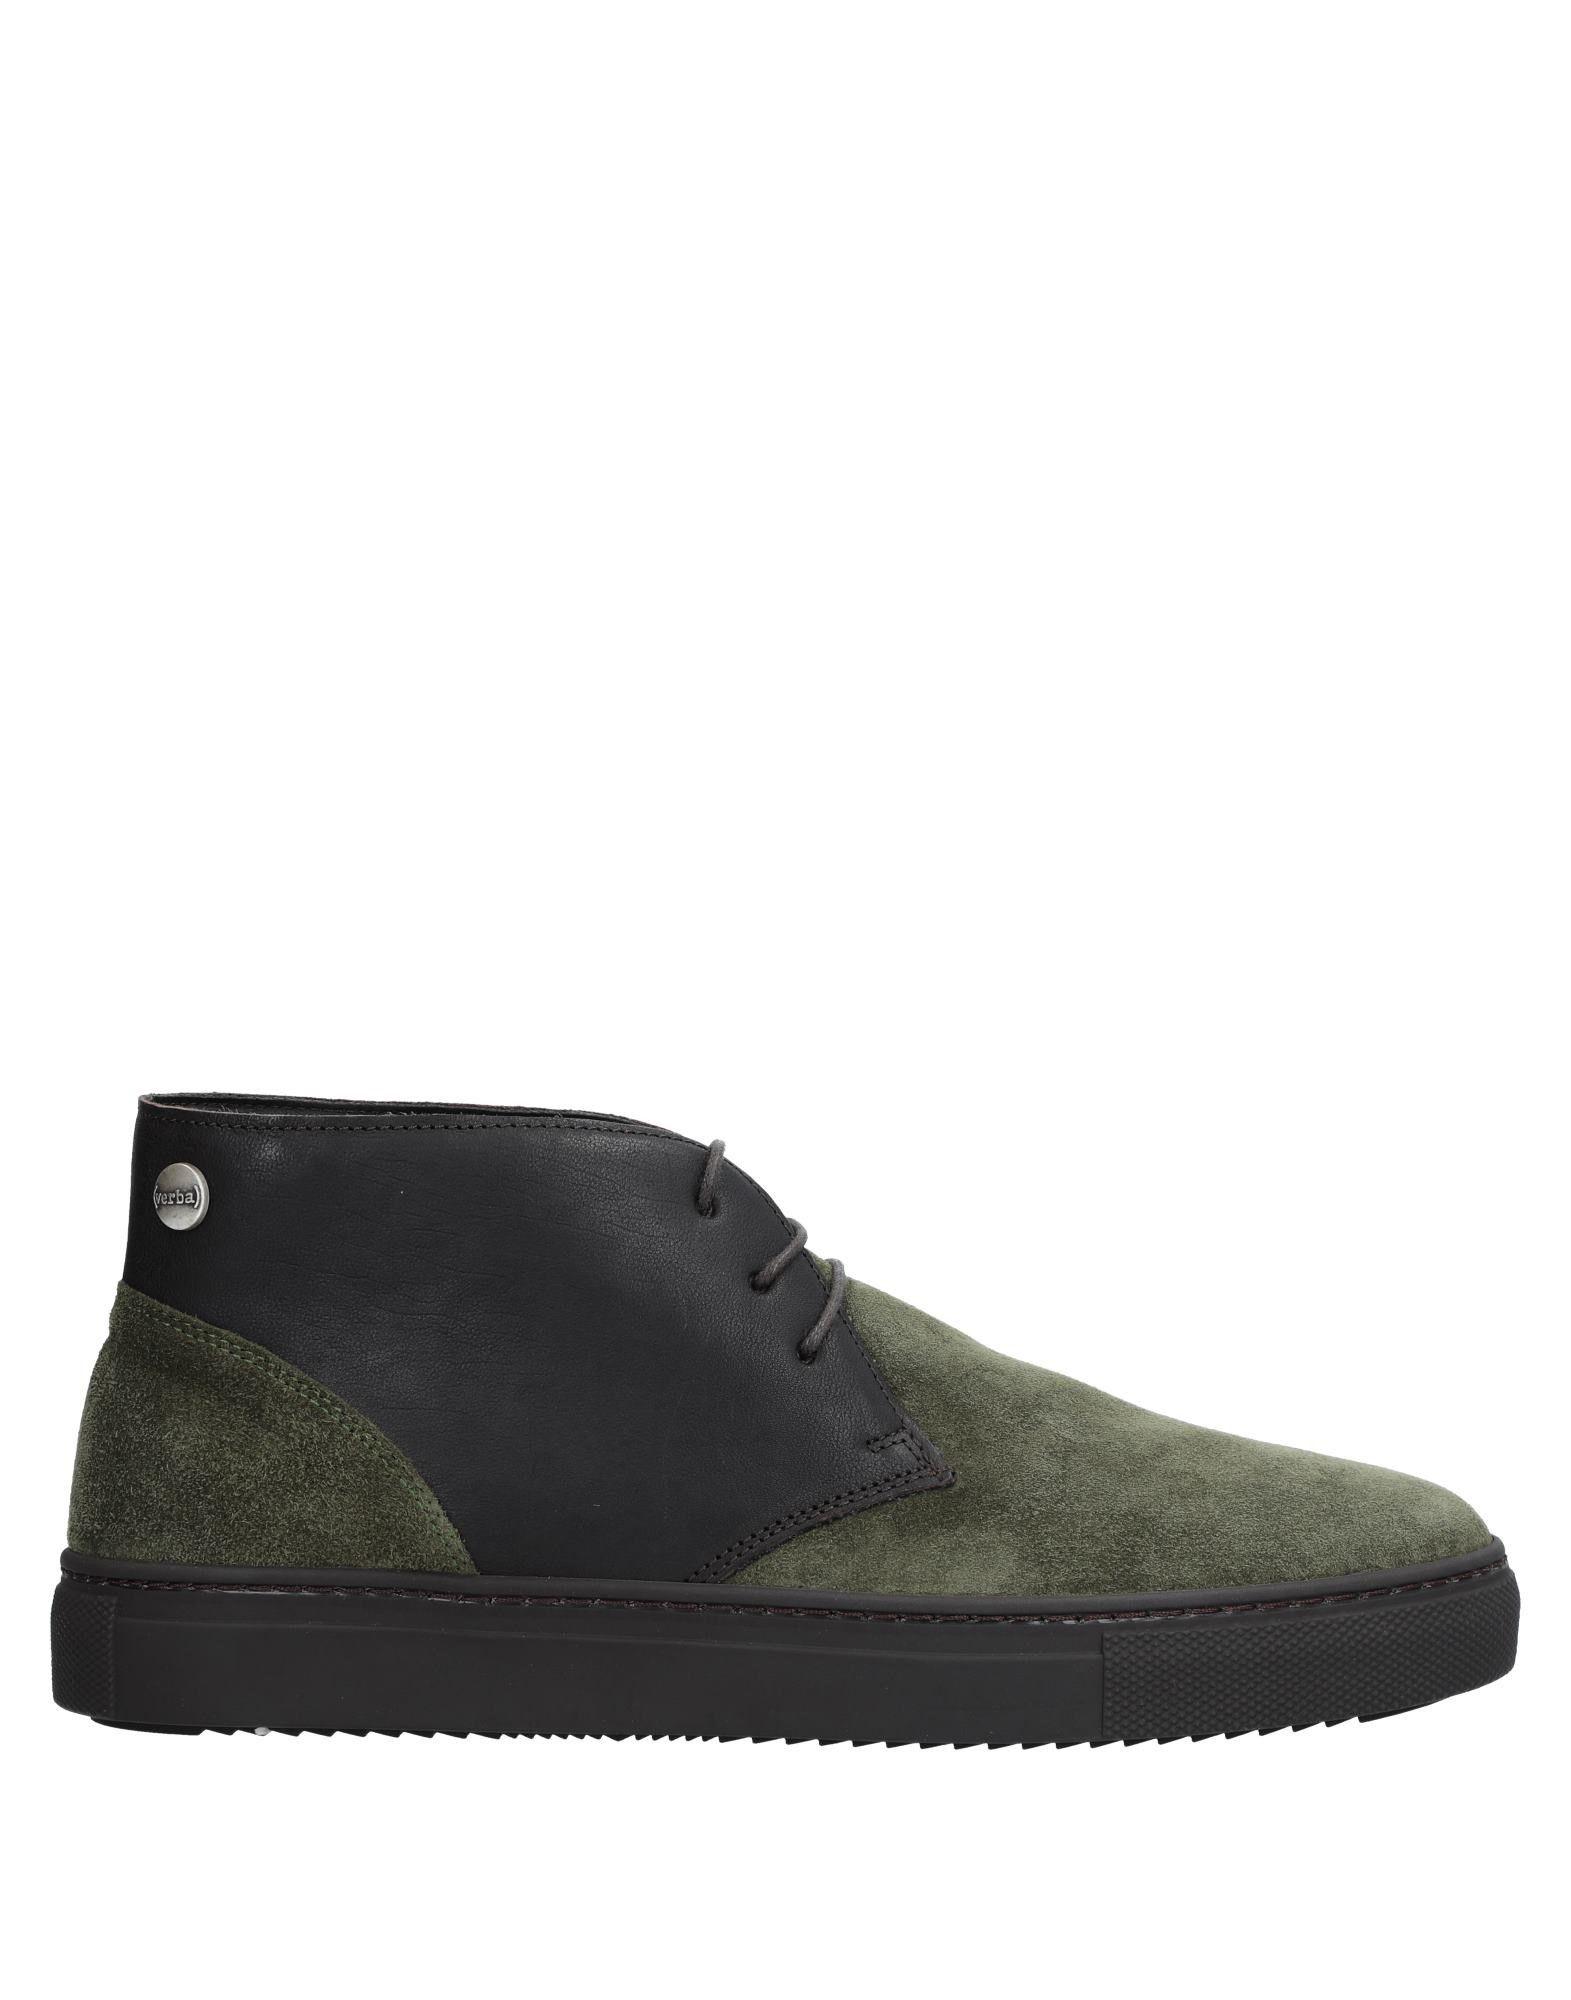 Rabatt echte Schuhe ( Verba ) Sneakers Herren  11541005KG